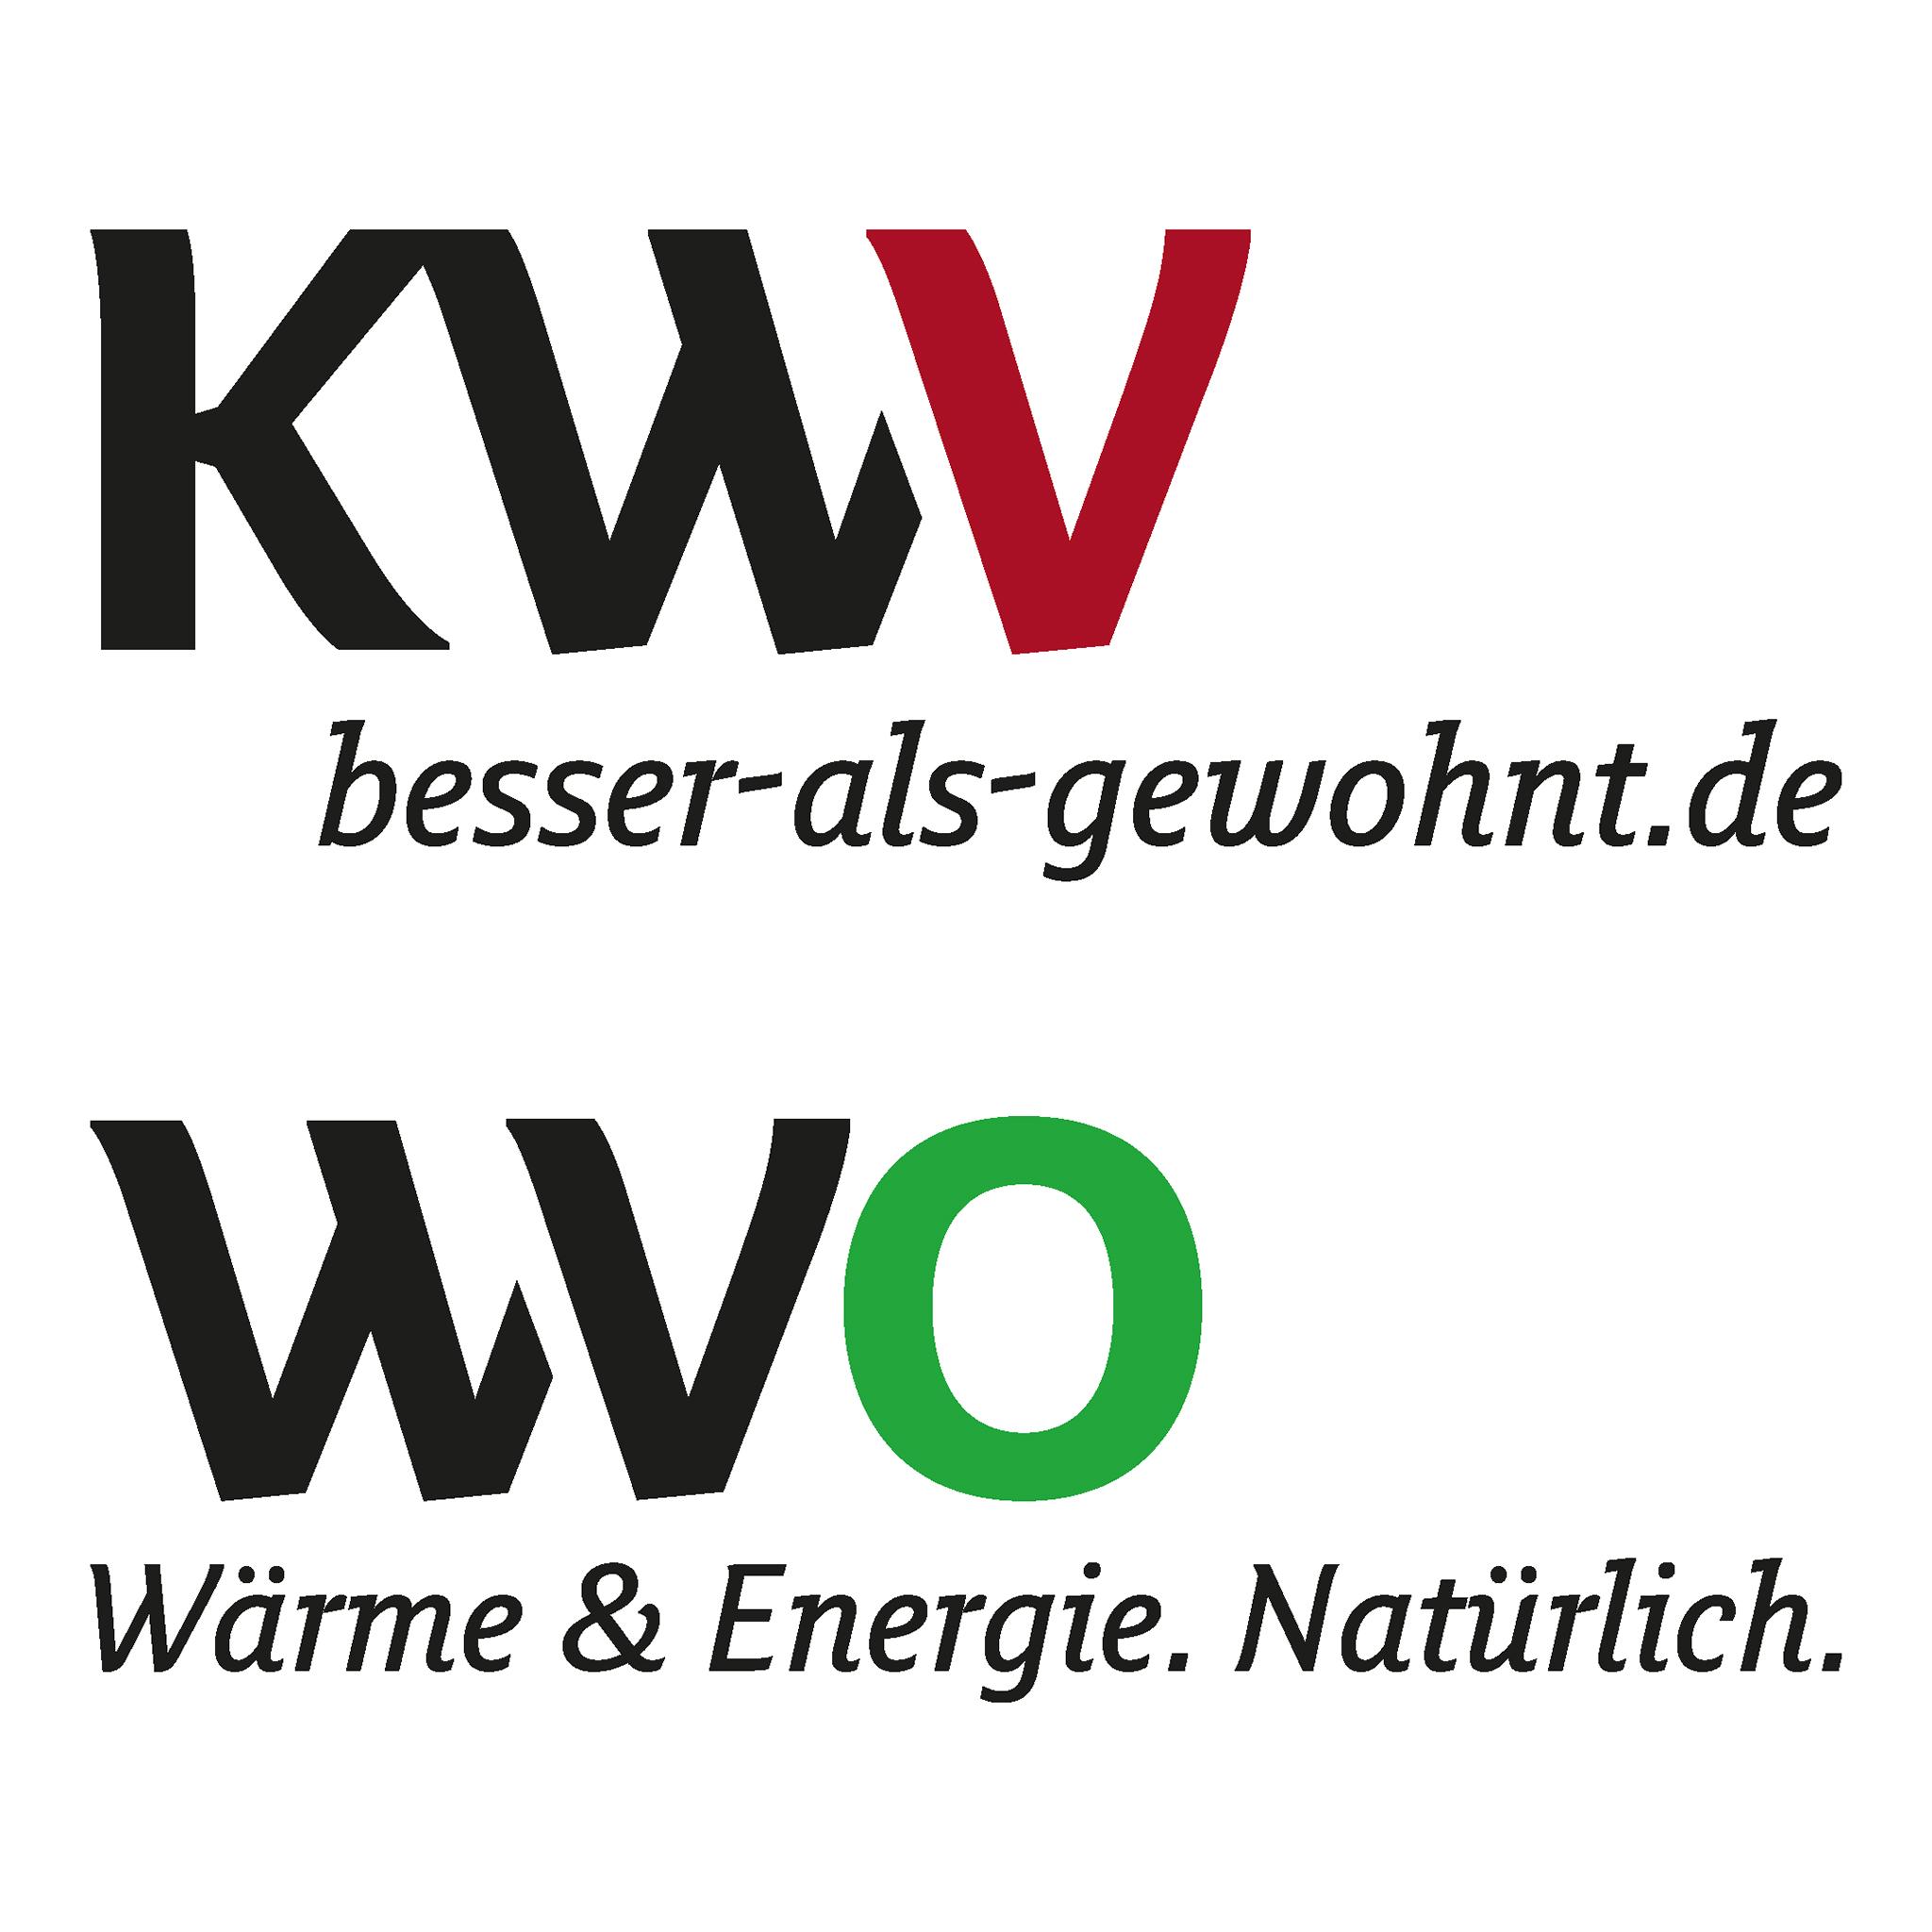 KWV - WVO